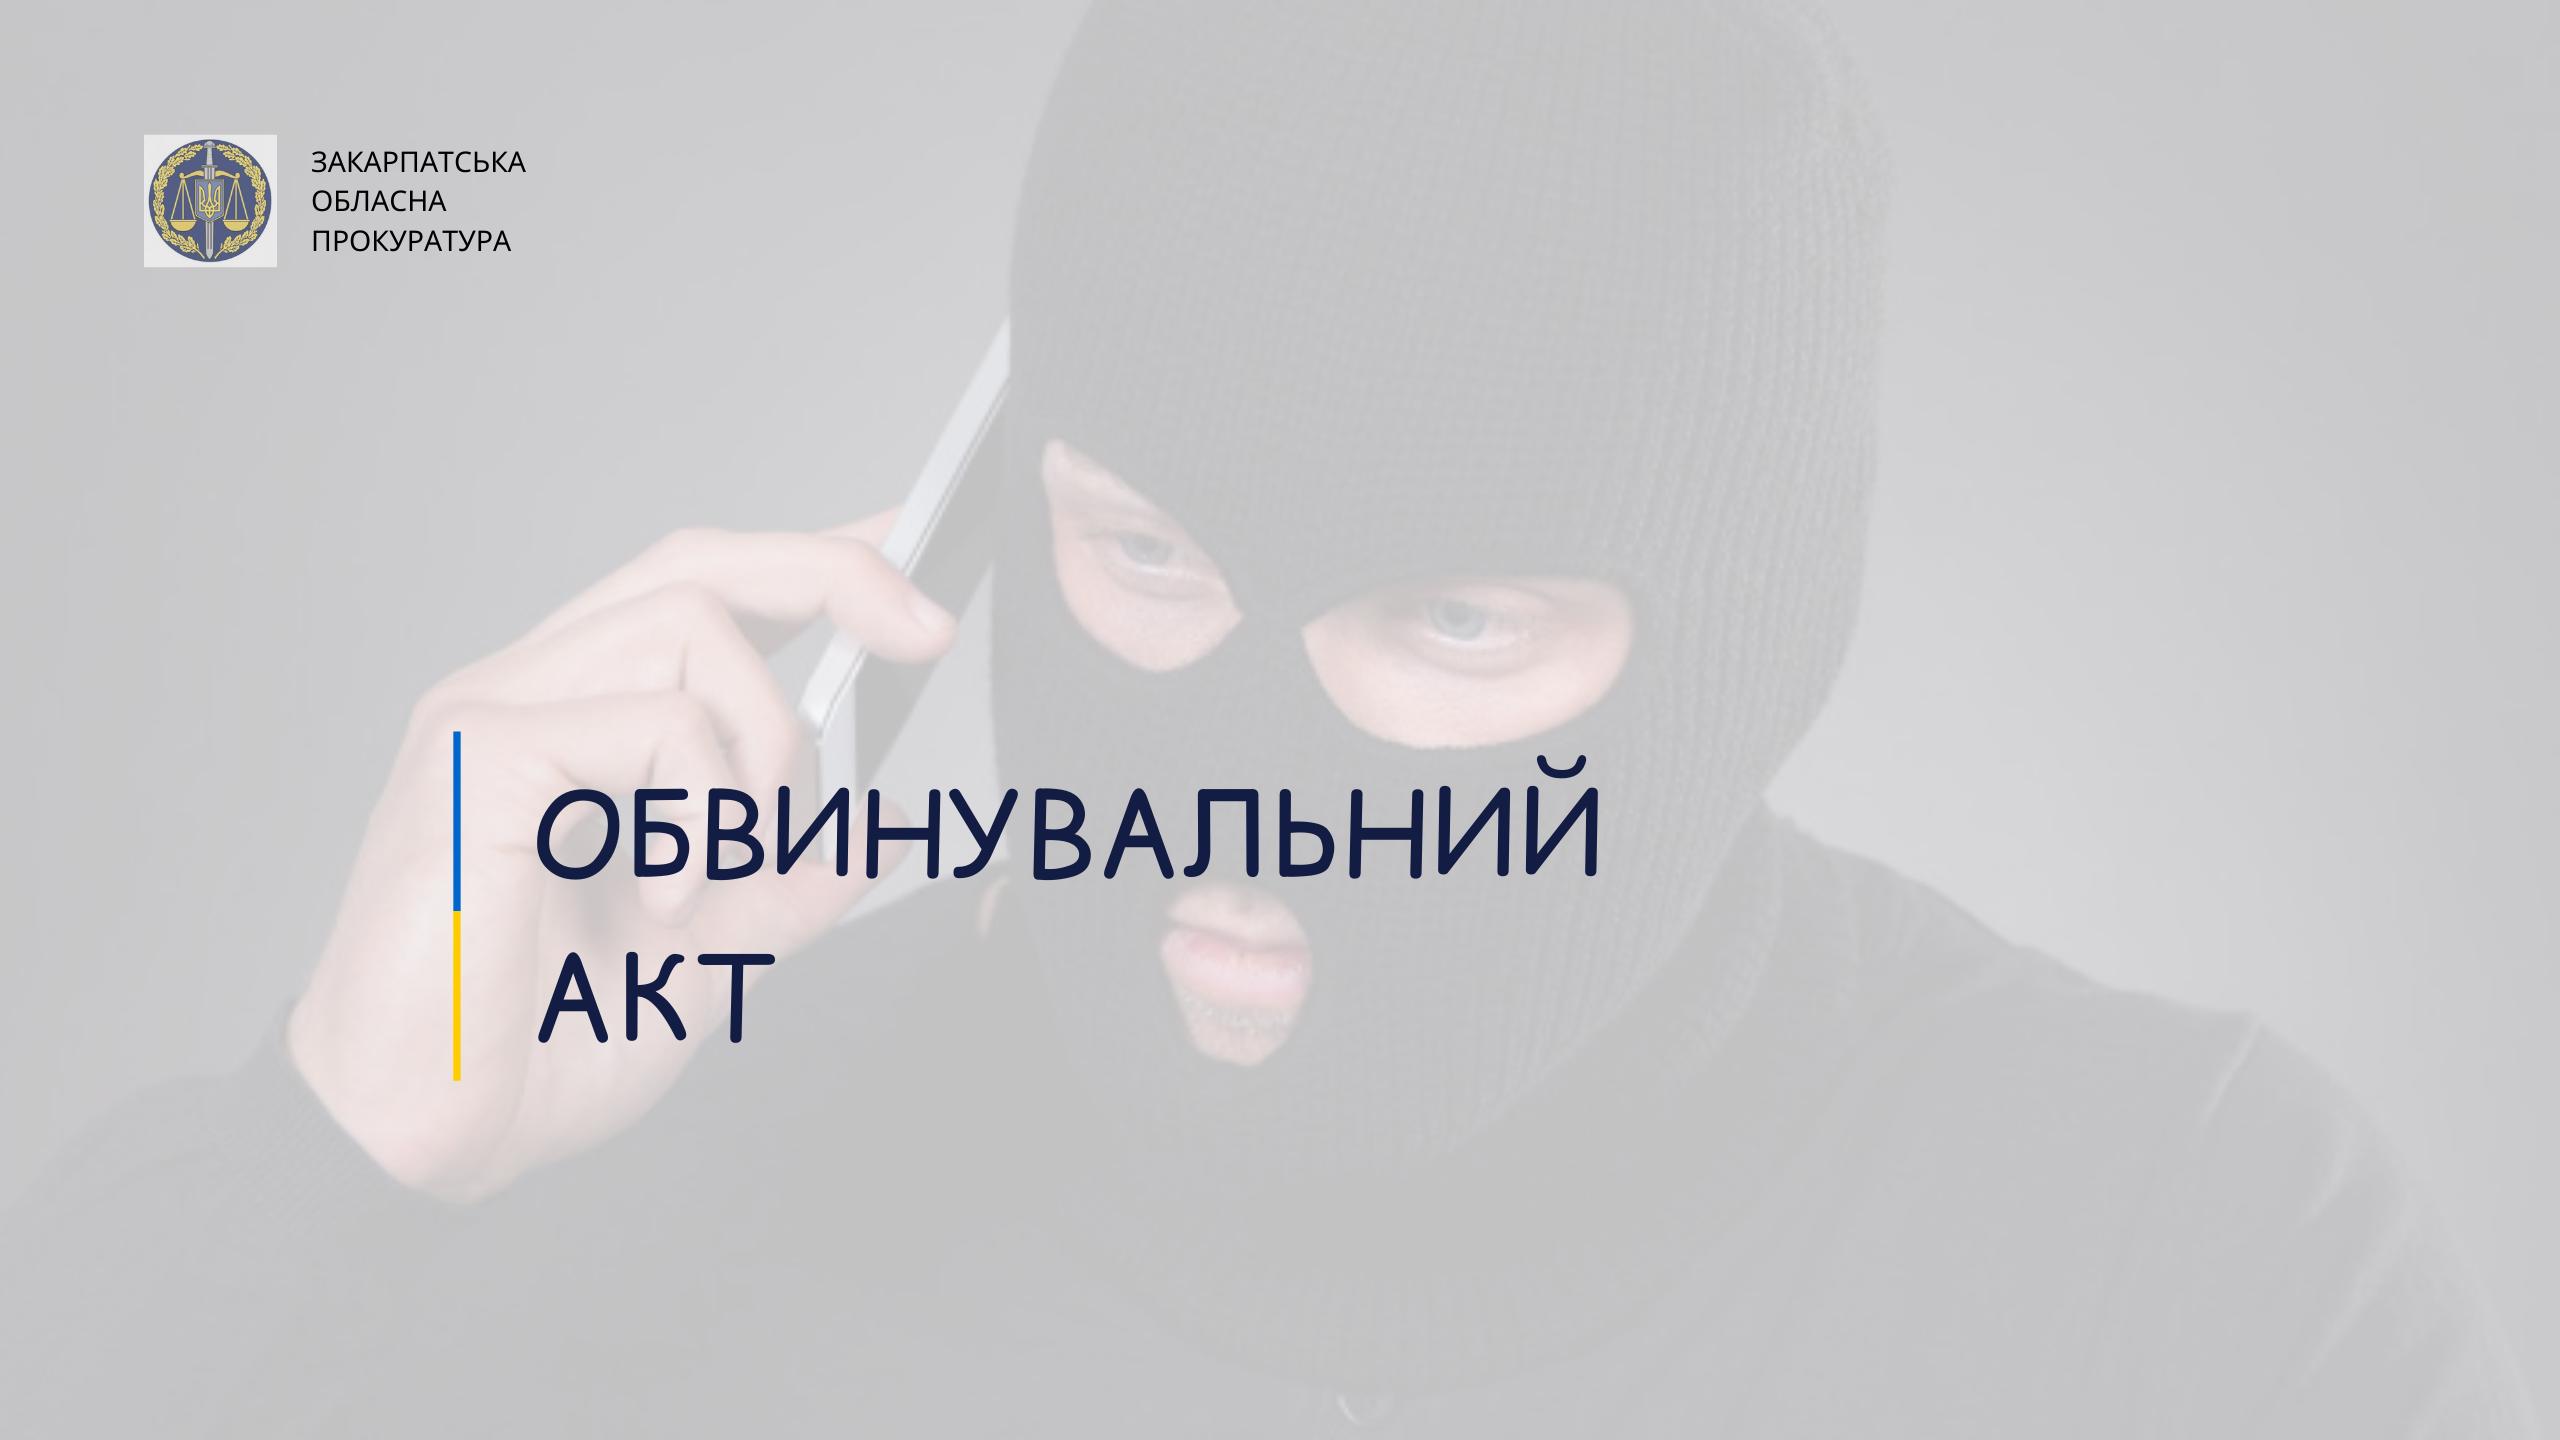 Відбуваючи покарання за попередній злочин у виправній колонії Дрогобича, чоловік систематично телефонував закарпатцеві та вимагав грошові кошти.